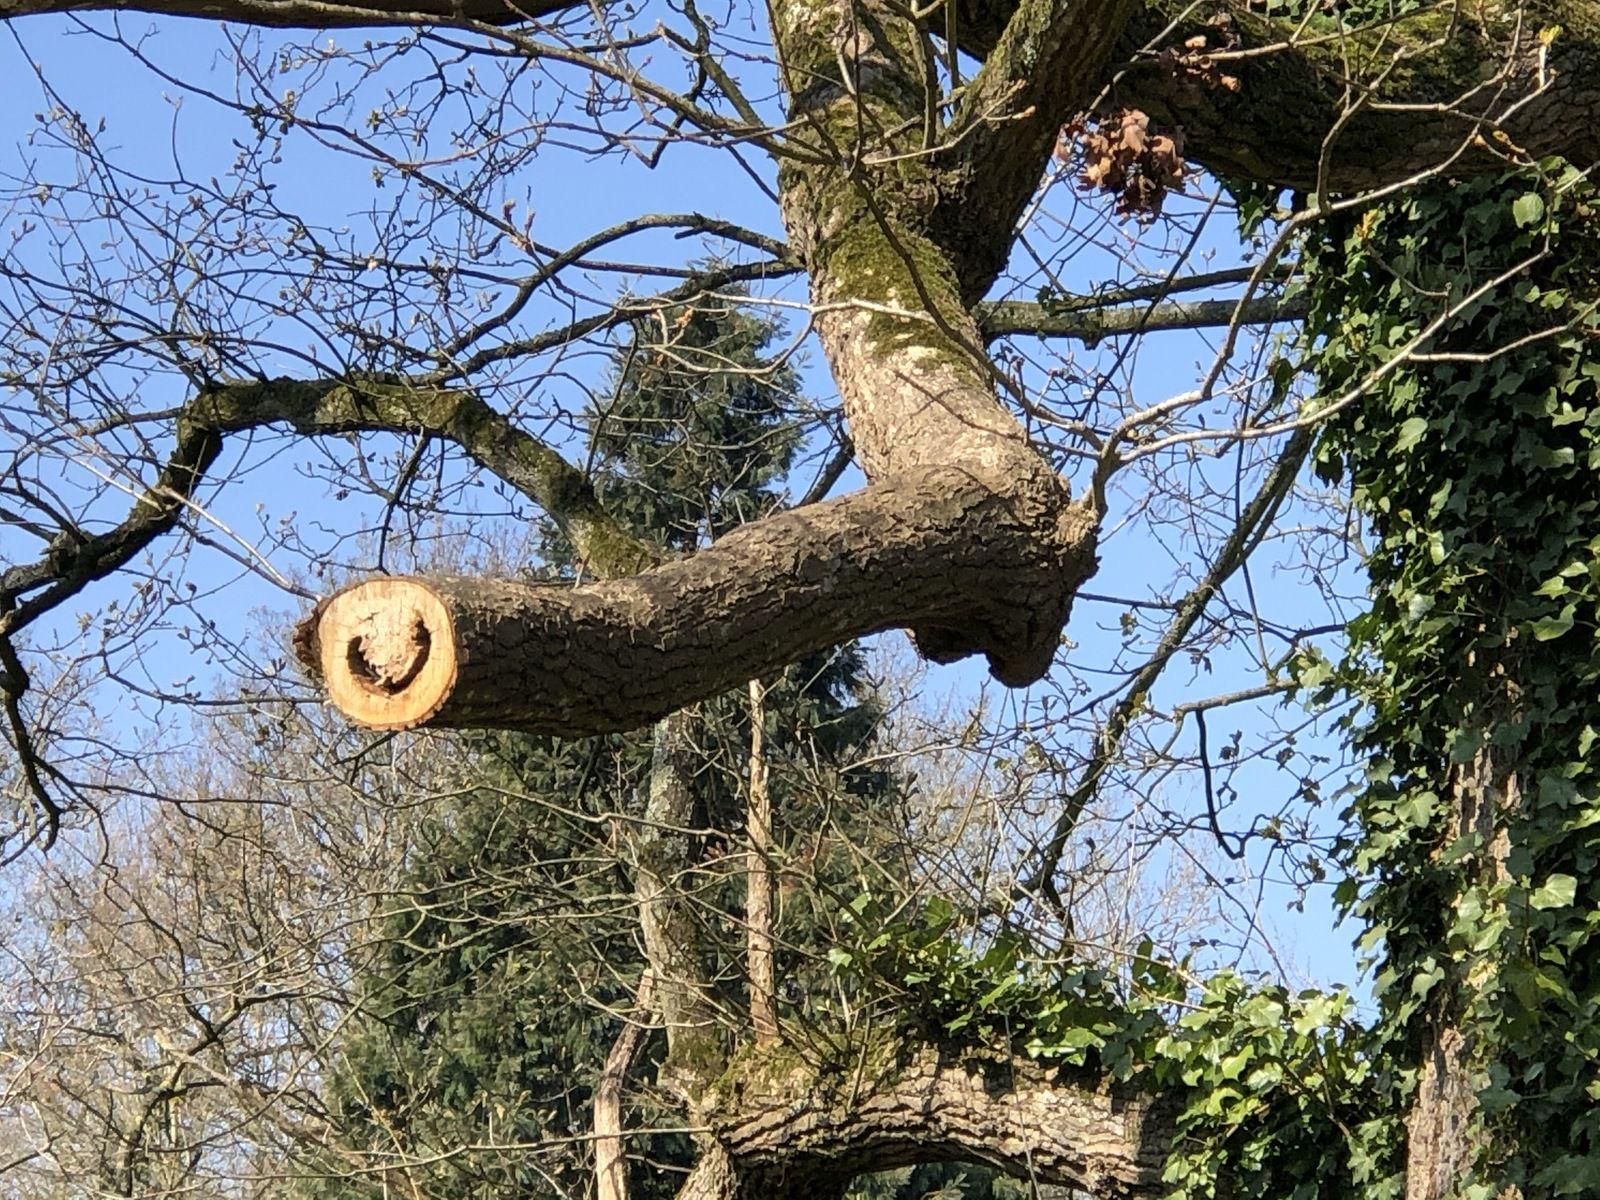 La branche rit hihihi!!! ou Labrancherie poteau où l'on attache la pancarte des droits de péage.